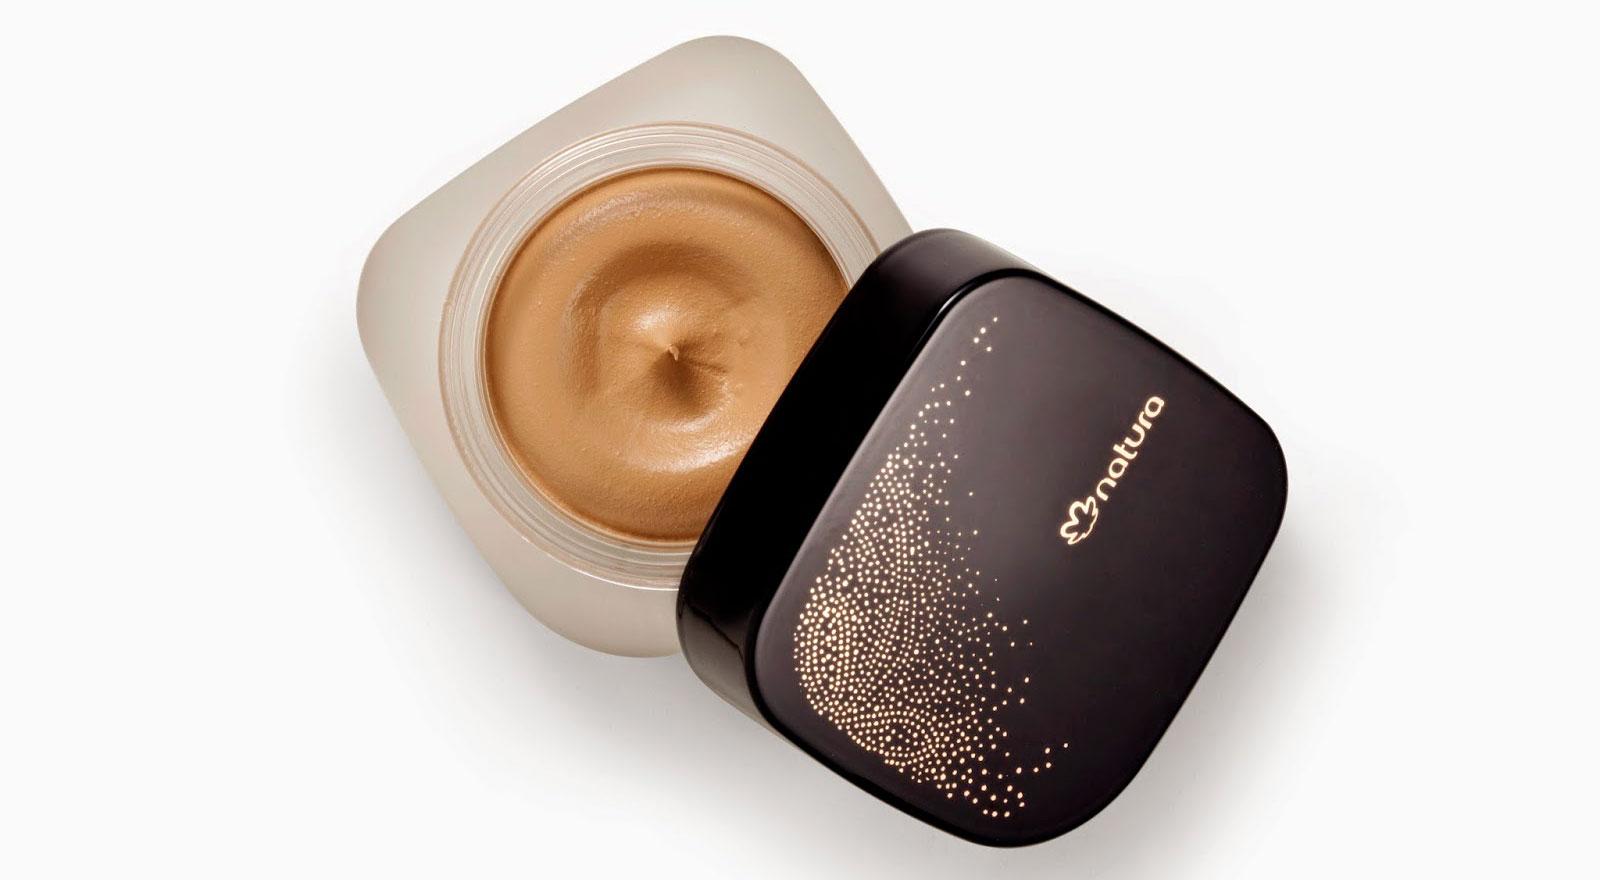 produtos-de-beleza-preferidos-dos-maquiadores-base-mousse-natura-02